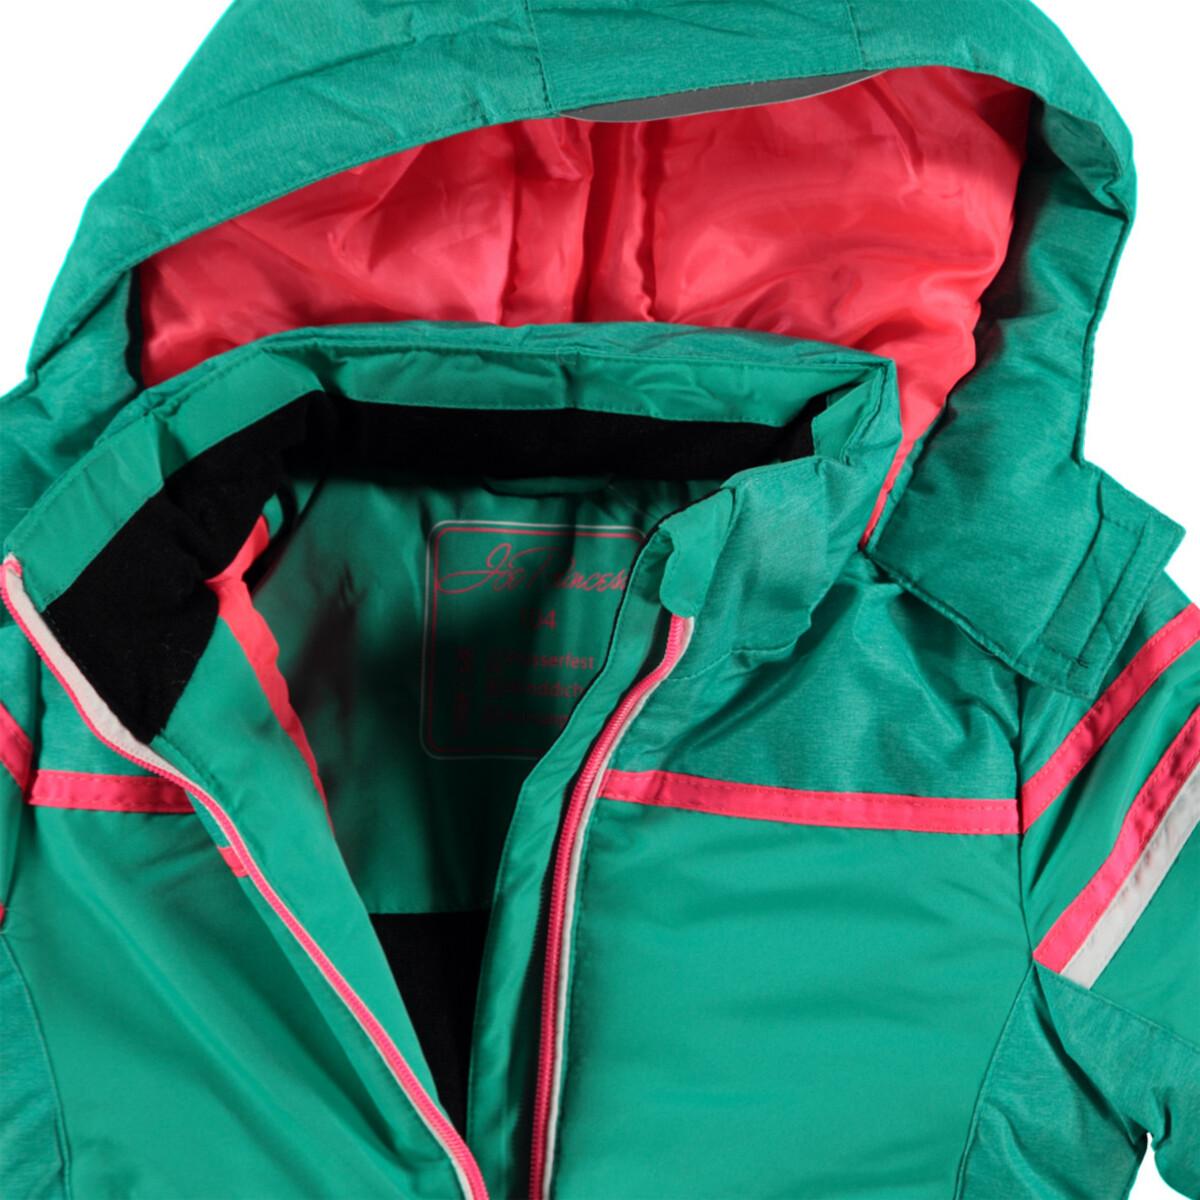 Bild 3 von Mädchen Skijacke mit Kapuze